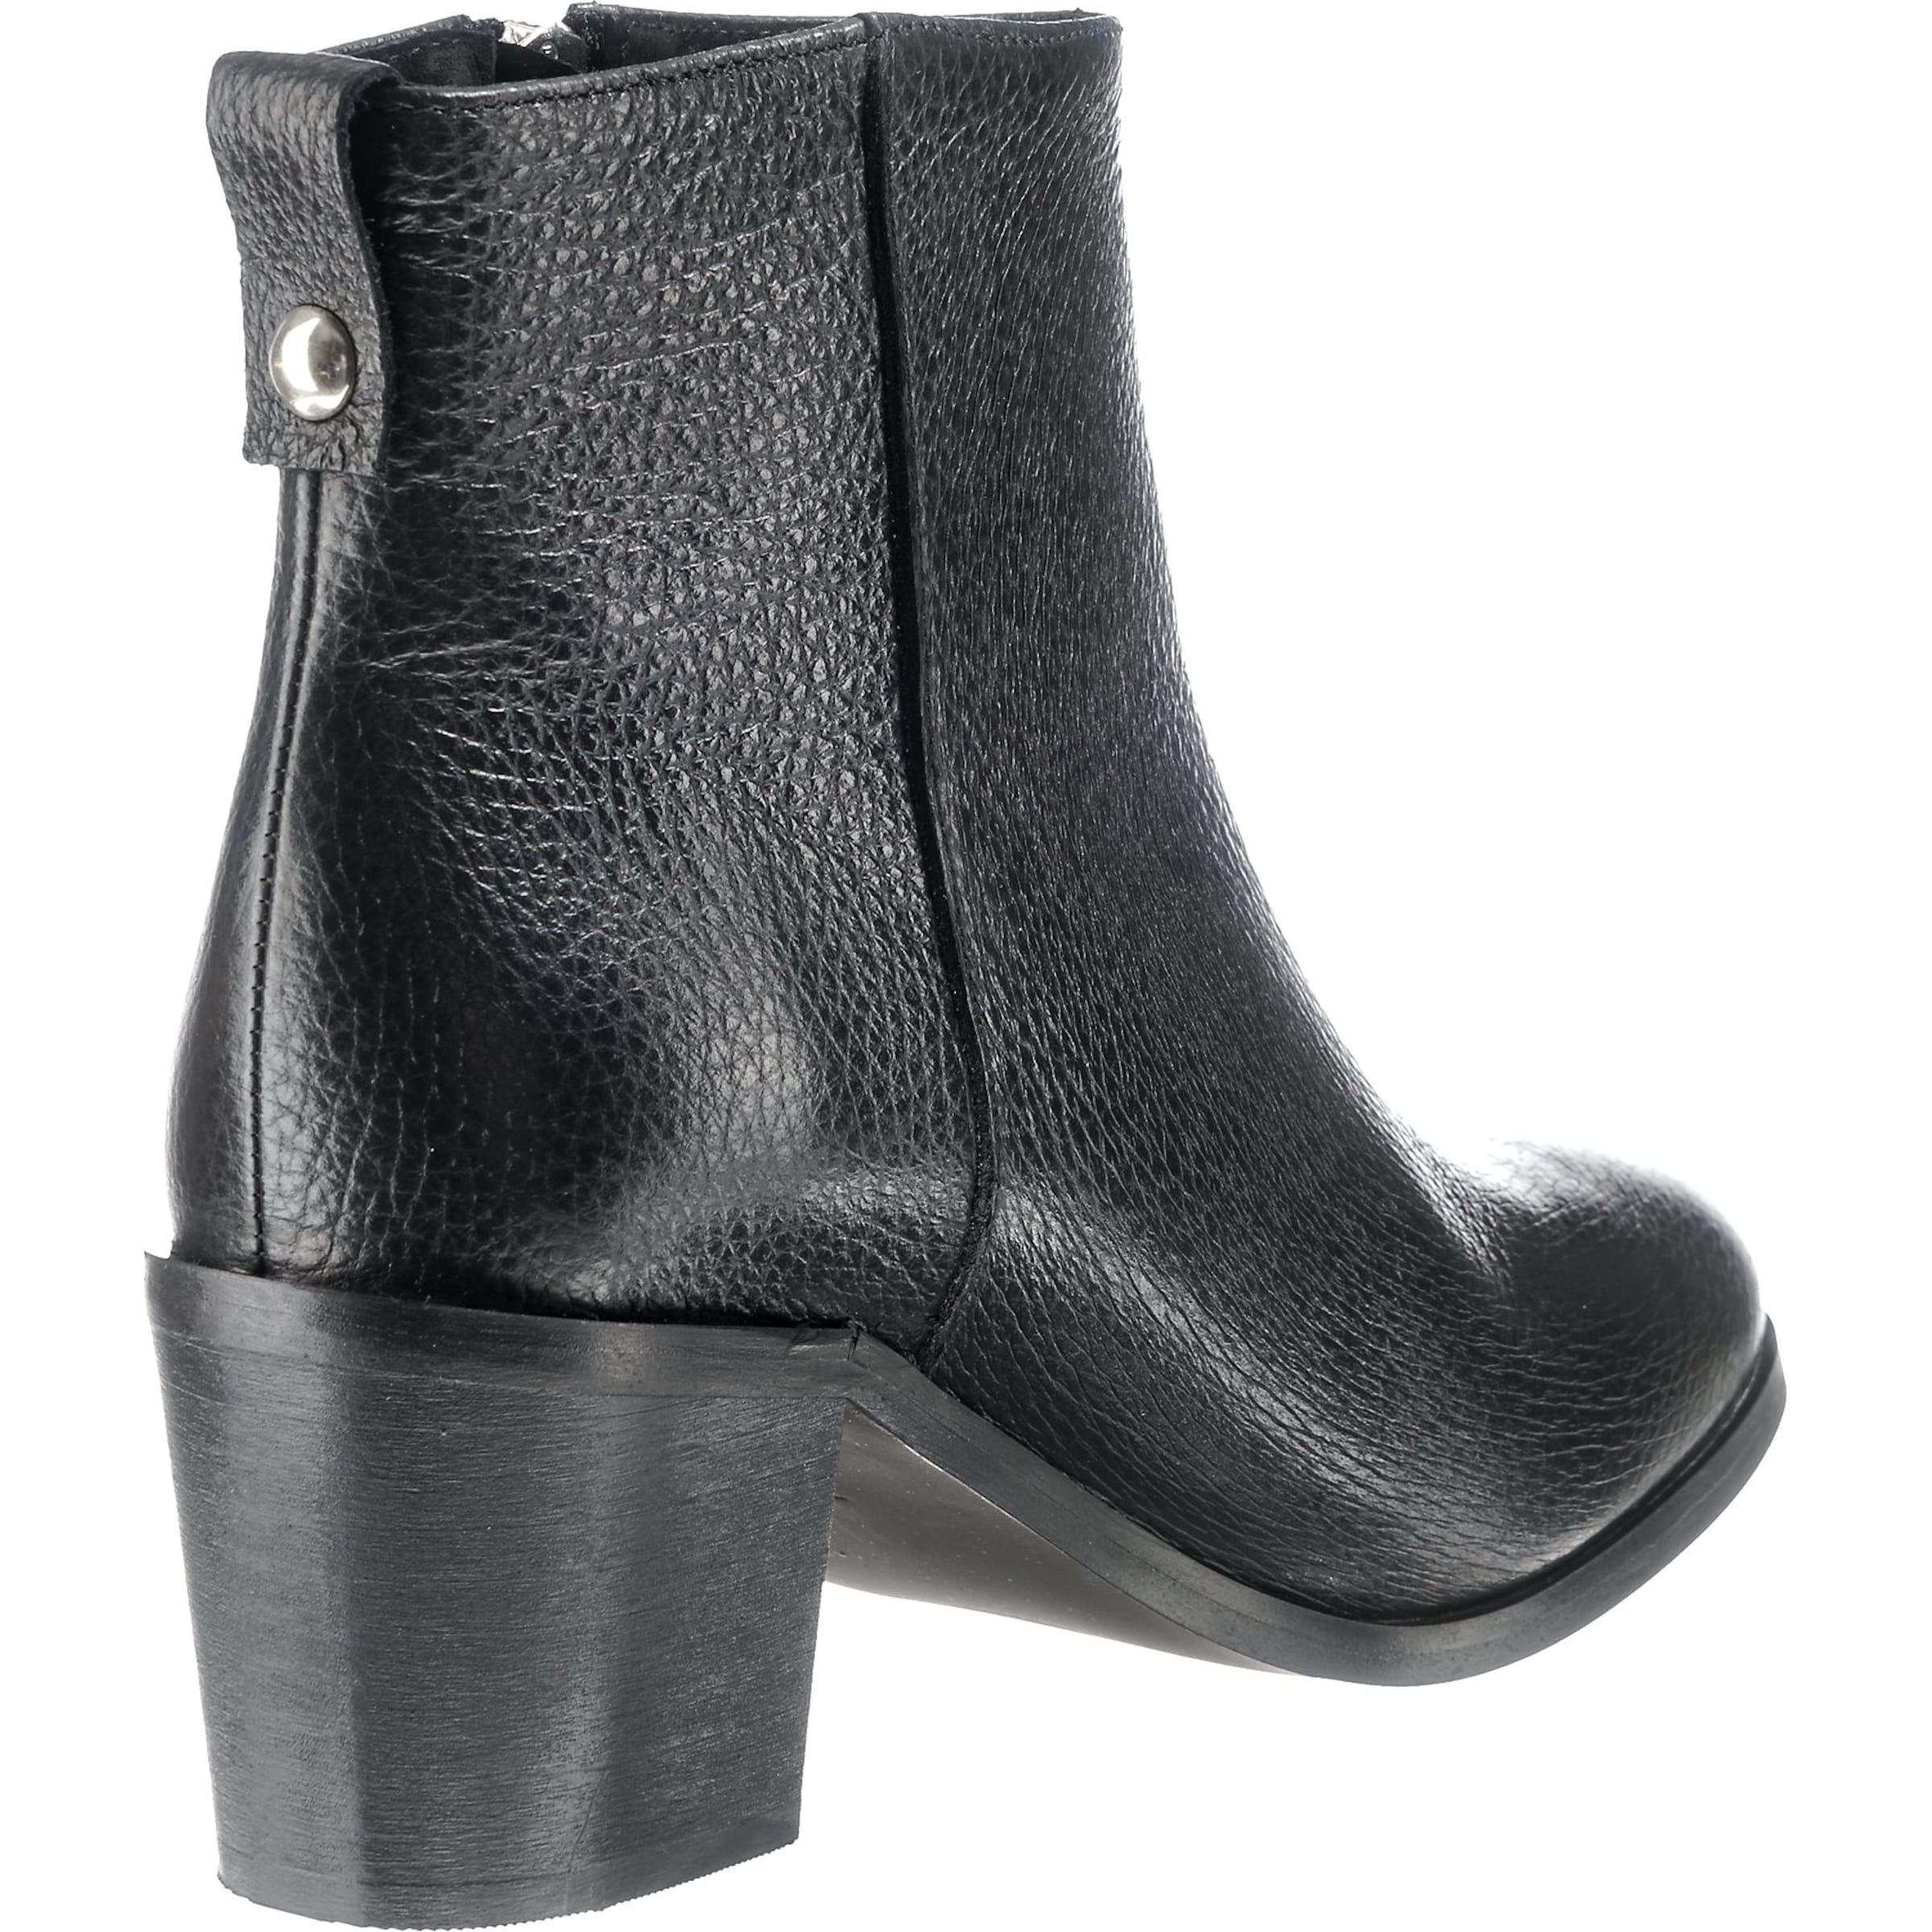 Zign Stiefelette Leder Bequem, gut aussehend aussehend aussehend 0885f4